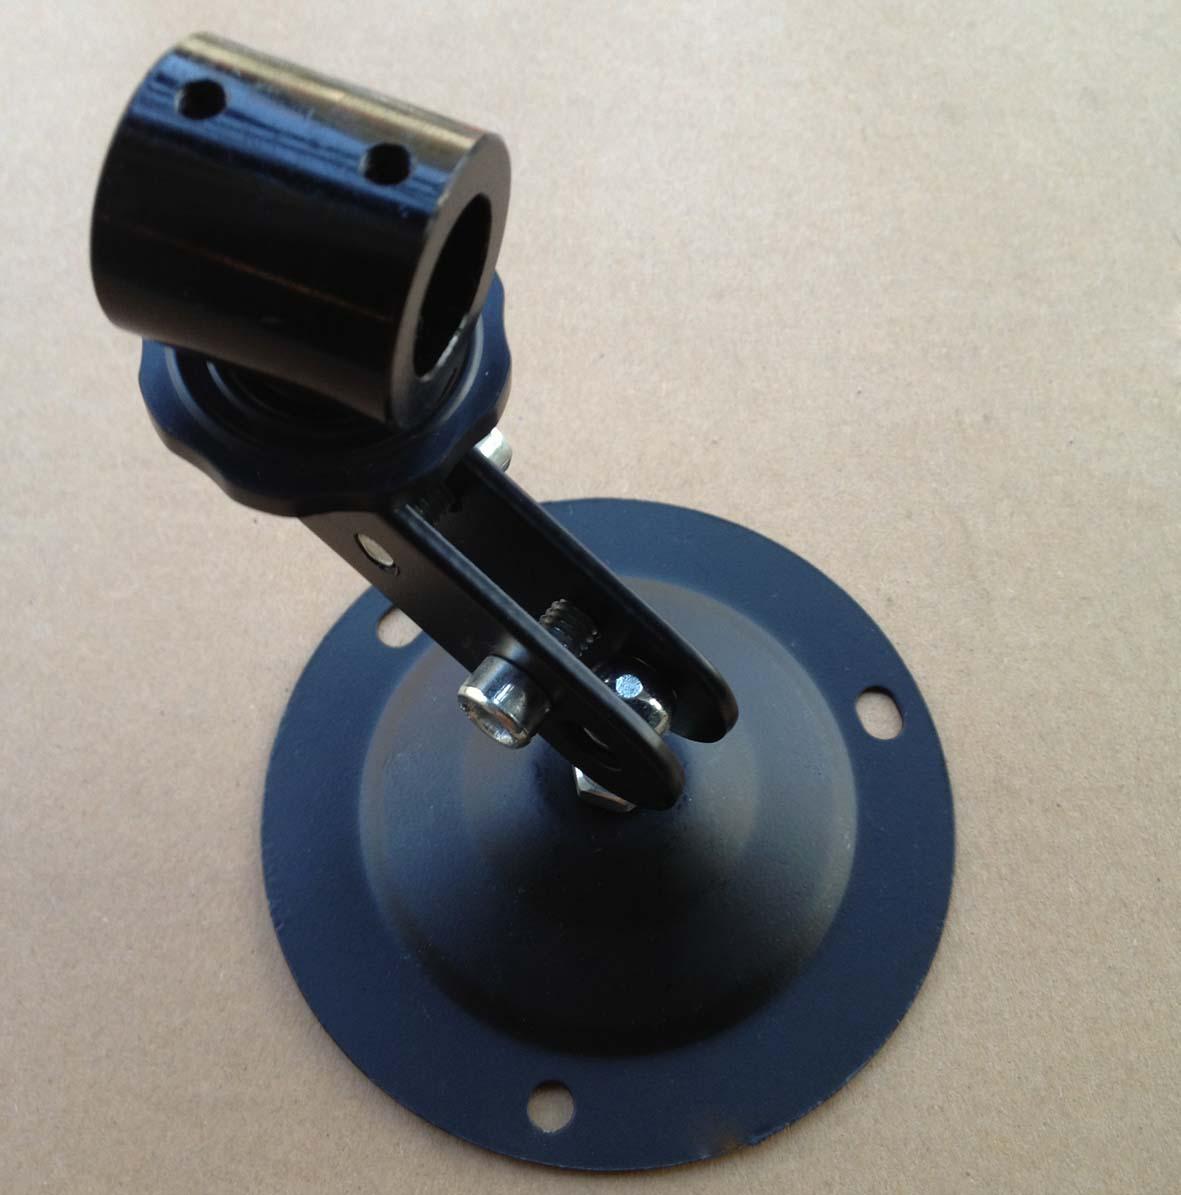 Аксессуары для биноклей, телескопов Лазерный модуль, лазерный карданный кронштейн 360 градусов вращения прямой ручной регулировки